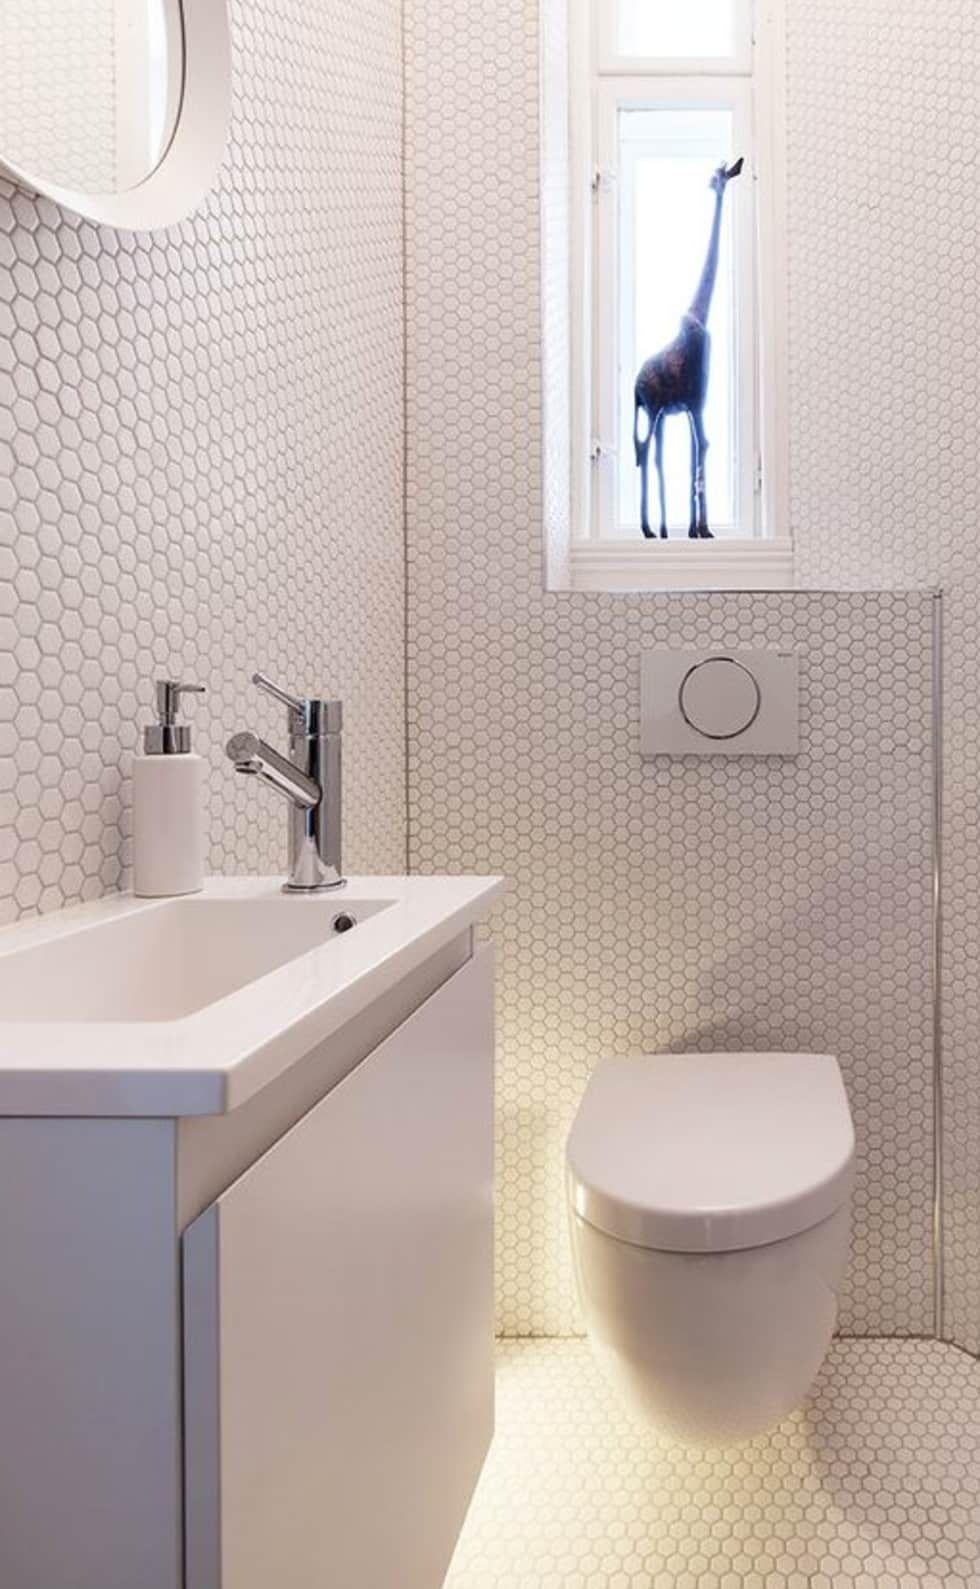 Trend Hexagonal Mosaic Tiles Moderne Badezimmer Von Trend Group Modern Fliesen Kleines Wc Zimmer Badezimmer Und Kleine Badezimmer